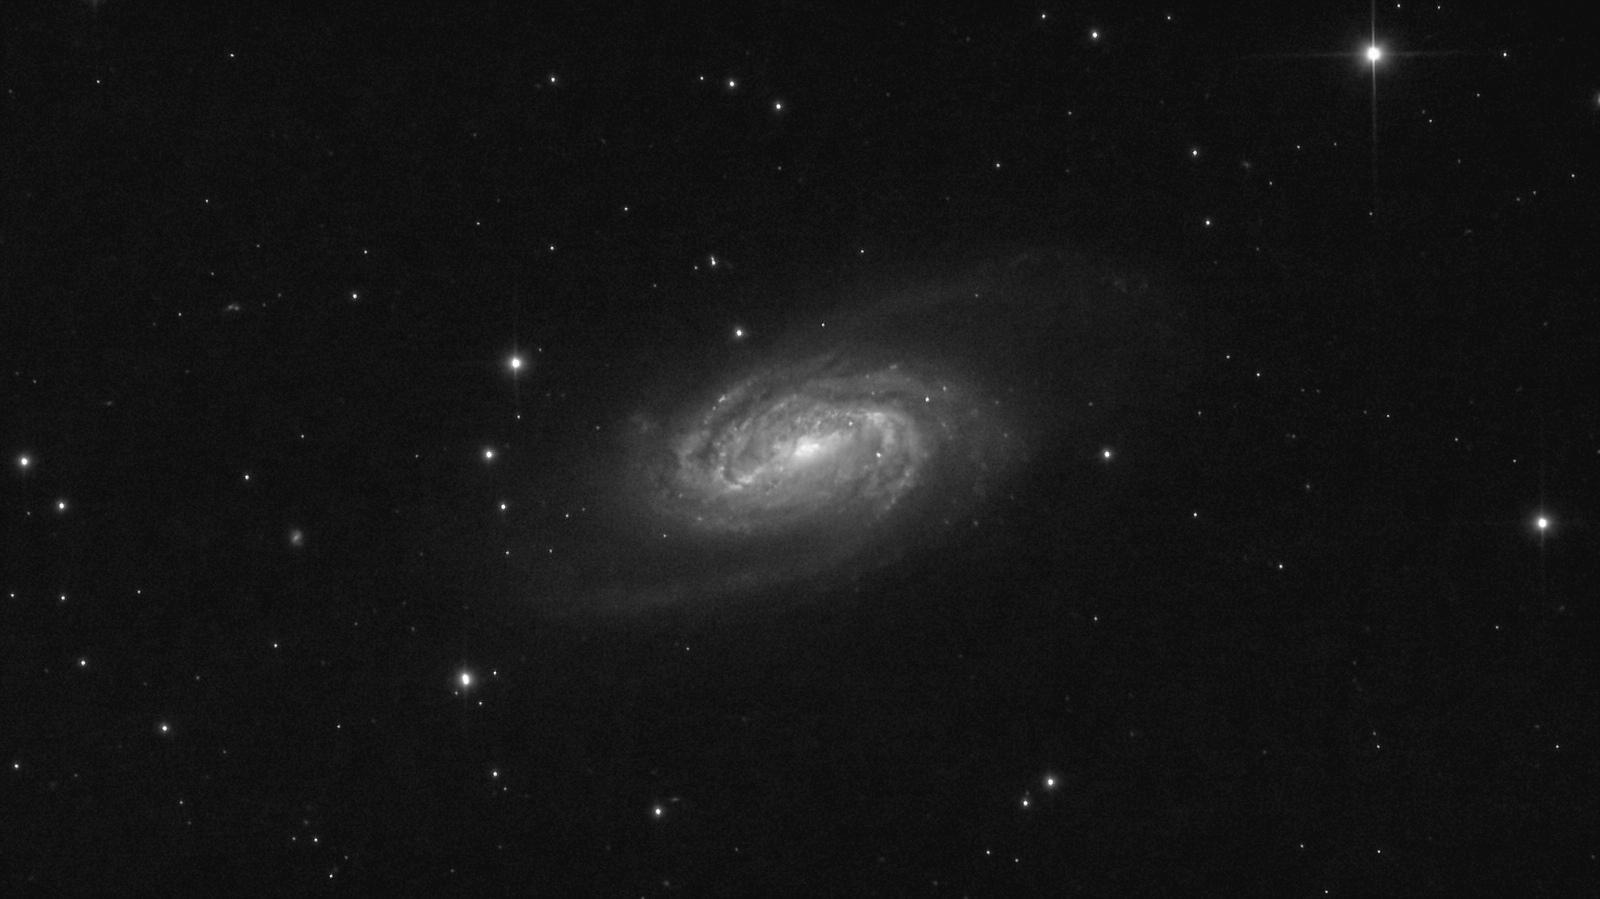 600b5e680e533_r_pp_r_pp_NGC2903_stacked2.jpg.95893e4949ffbd488a84dbe6f94a2dba.jpg